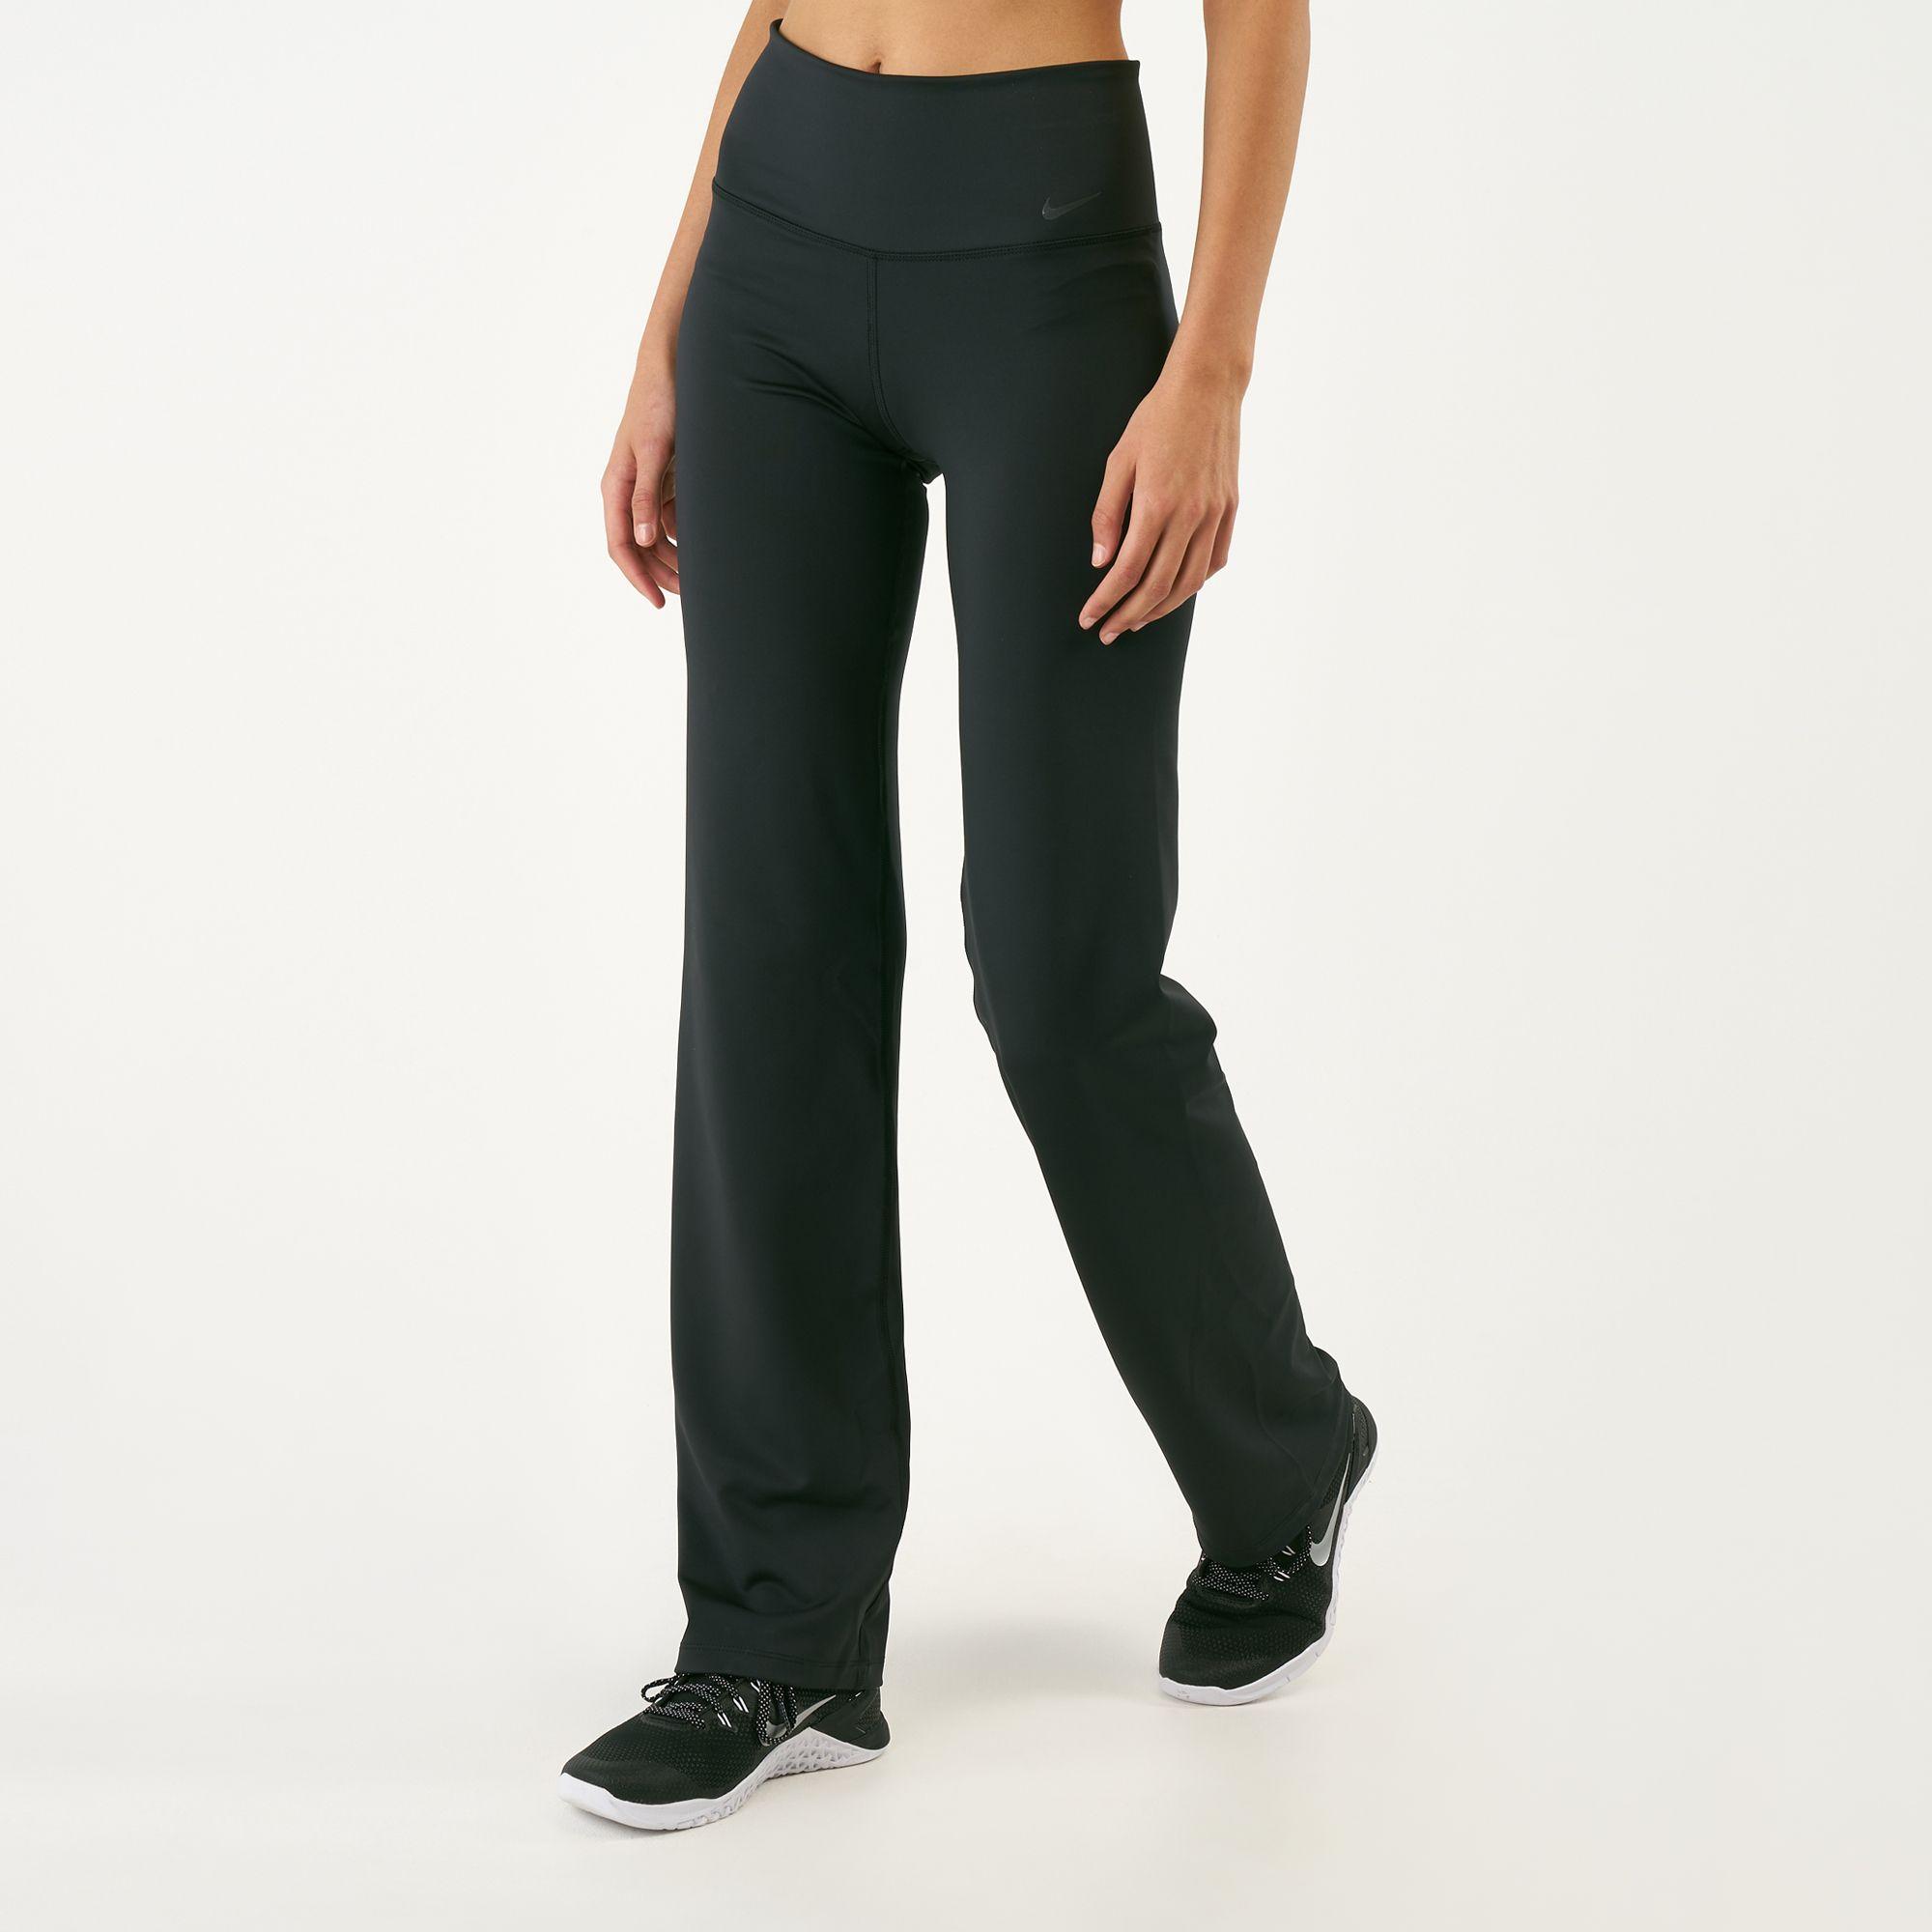 Nike Women S Clic Gym Pants